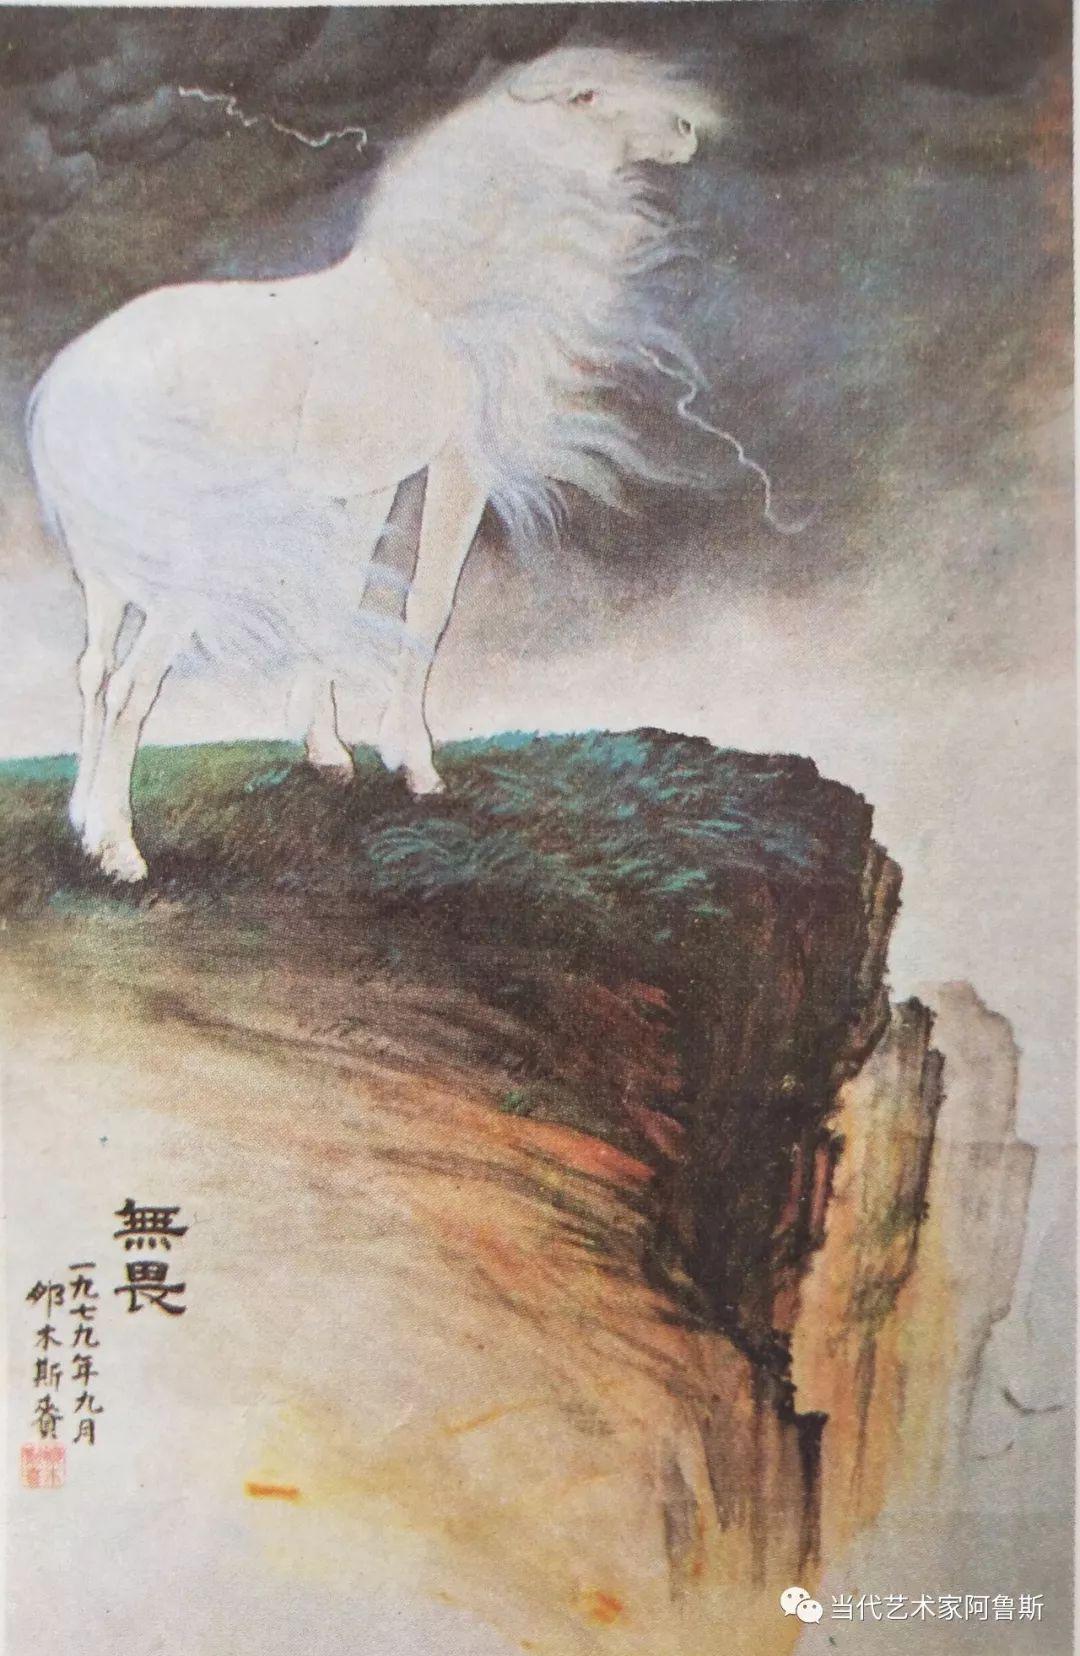 一代著名蒙古族画家那木斯来 第4张 一代著名蒙古族画家那木斯来 蒙古画廊